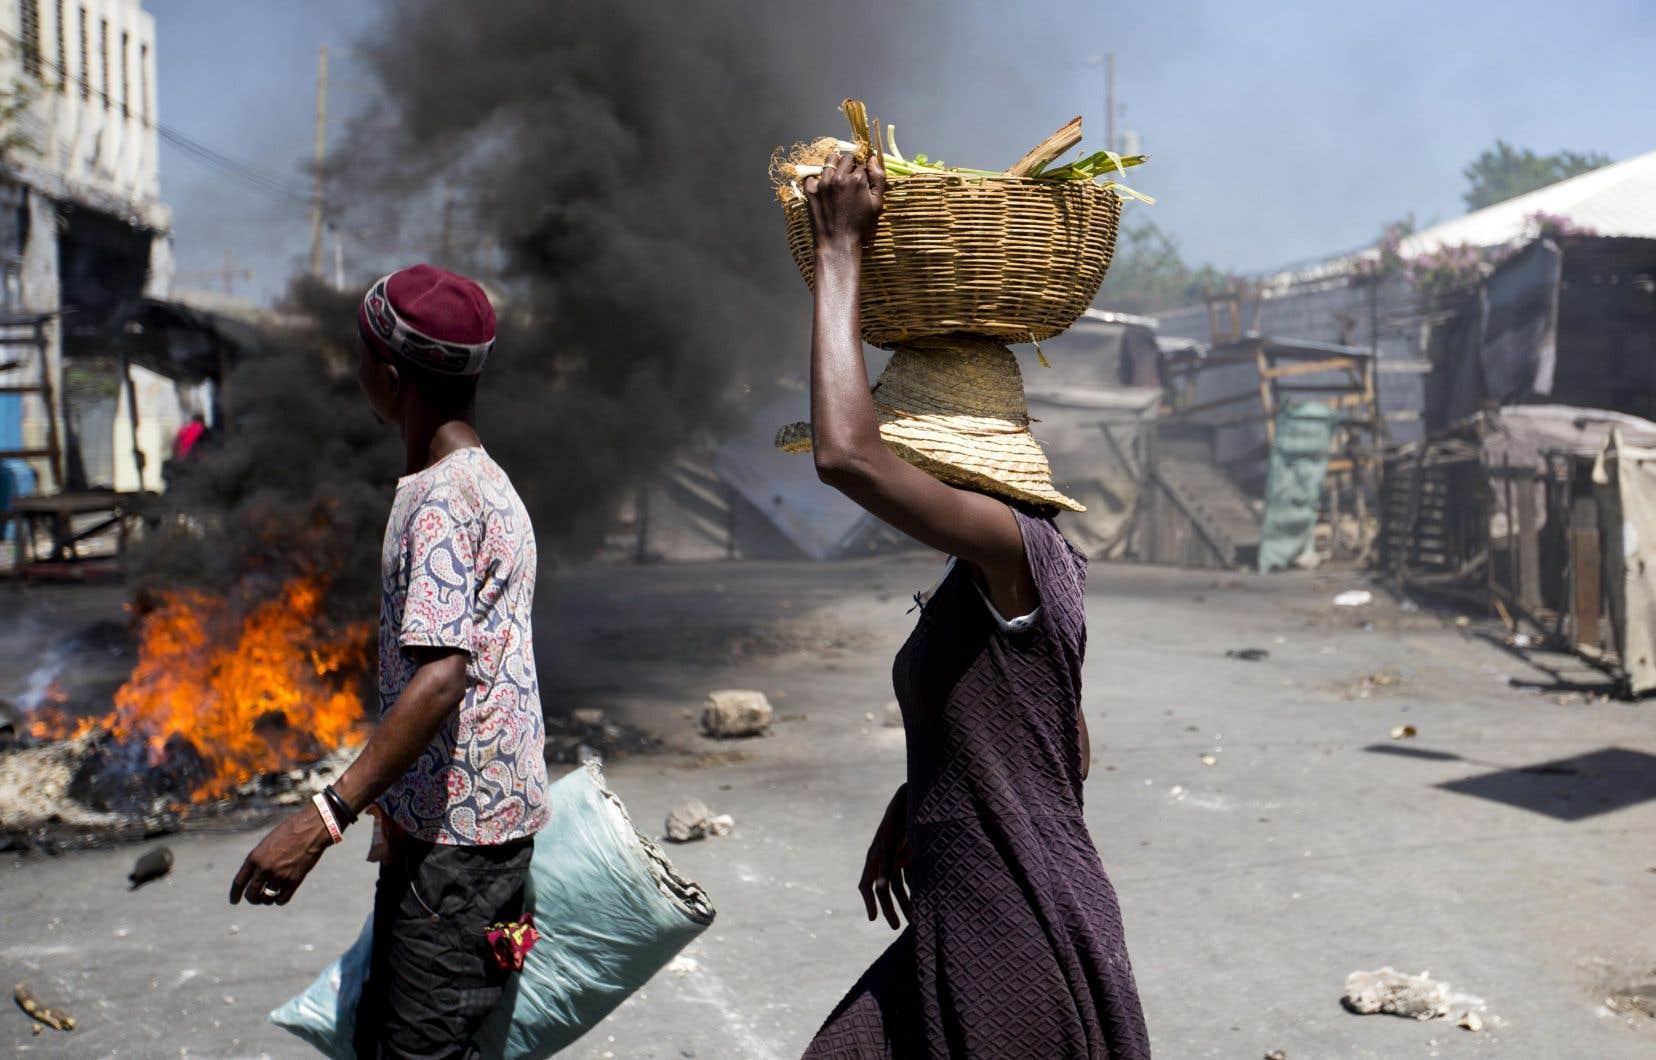 La circulation était faible et les transports publics interrompus lundi, à Port-au-Prince.